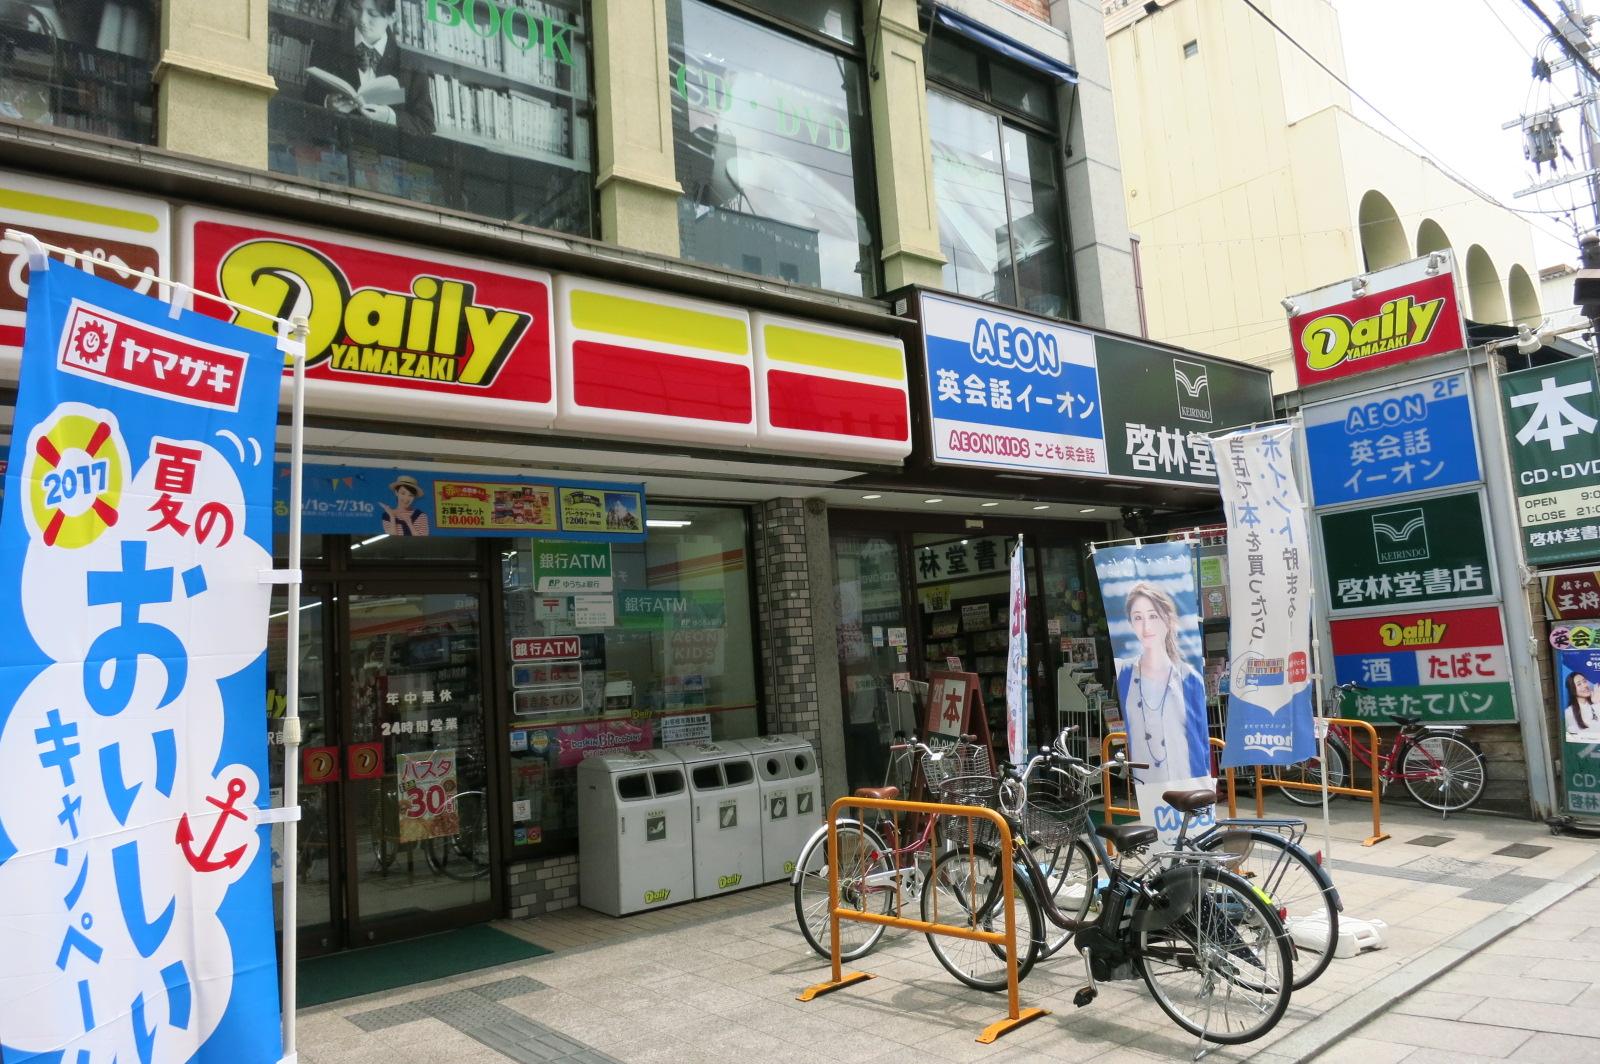 コンビニや本屋さん、銀行、スーパー、衣料品店など、地元の方がよく利用する商店街という印象です。